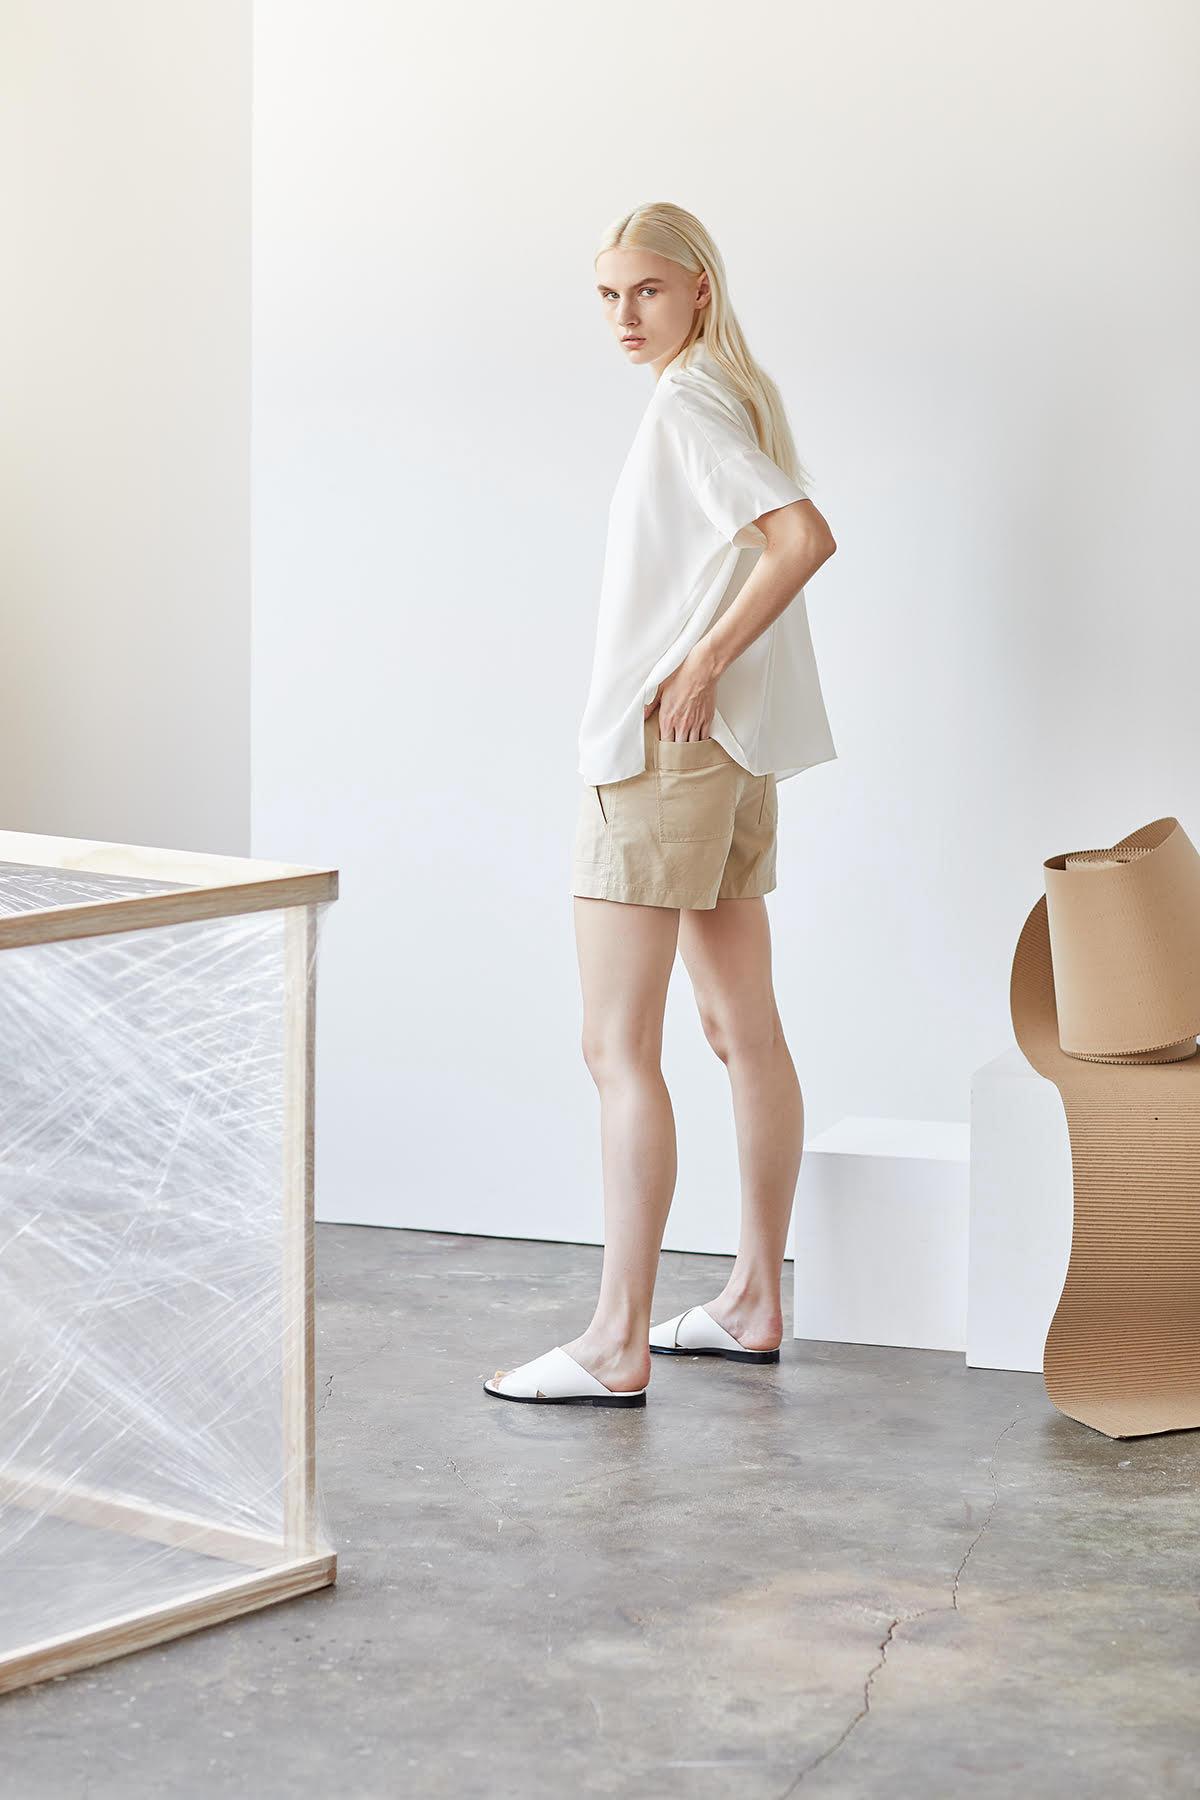 Fashion-Editorial-Test-1-web.jpg